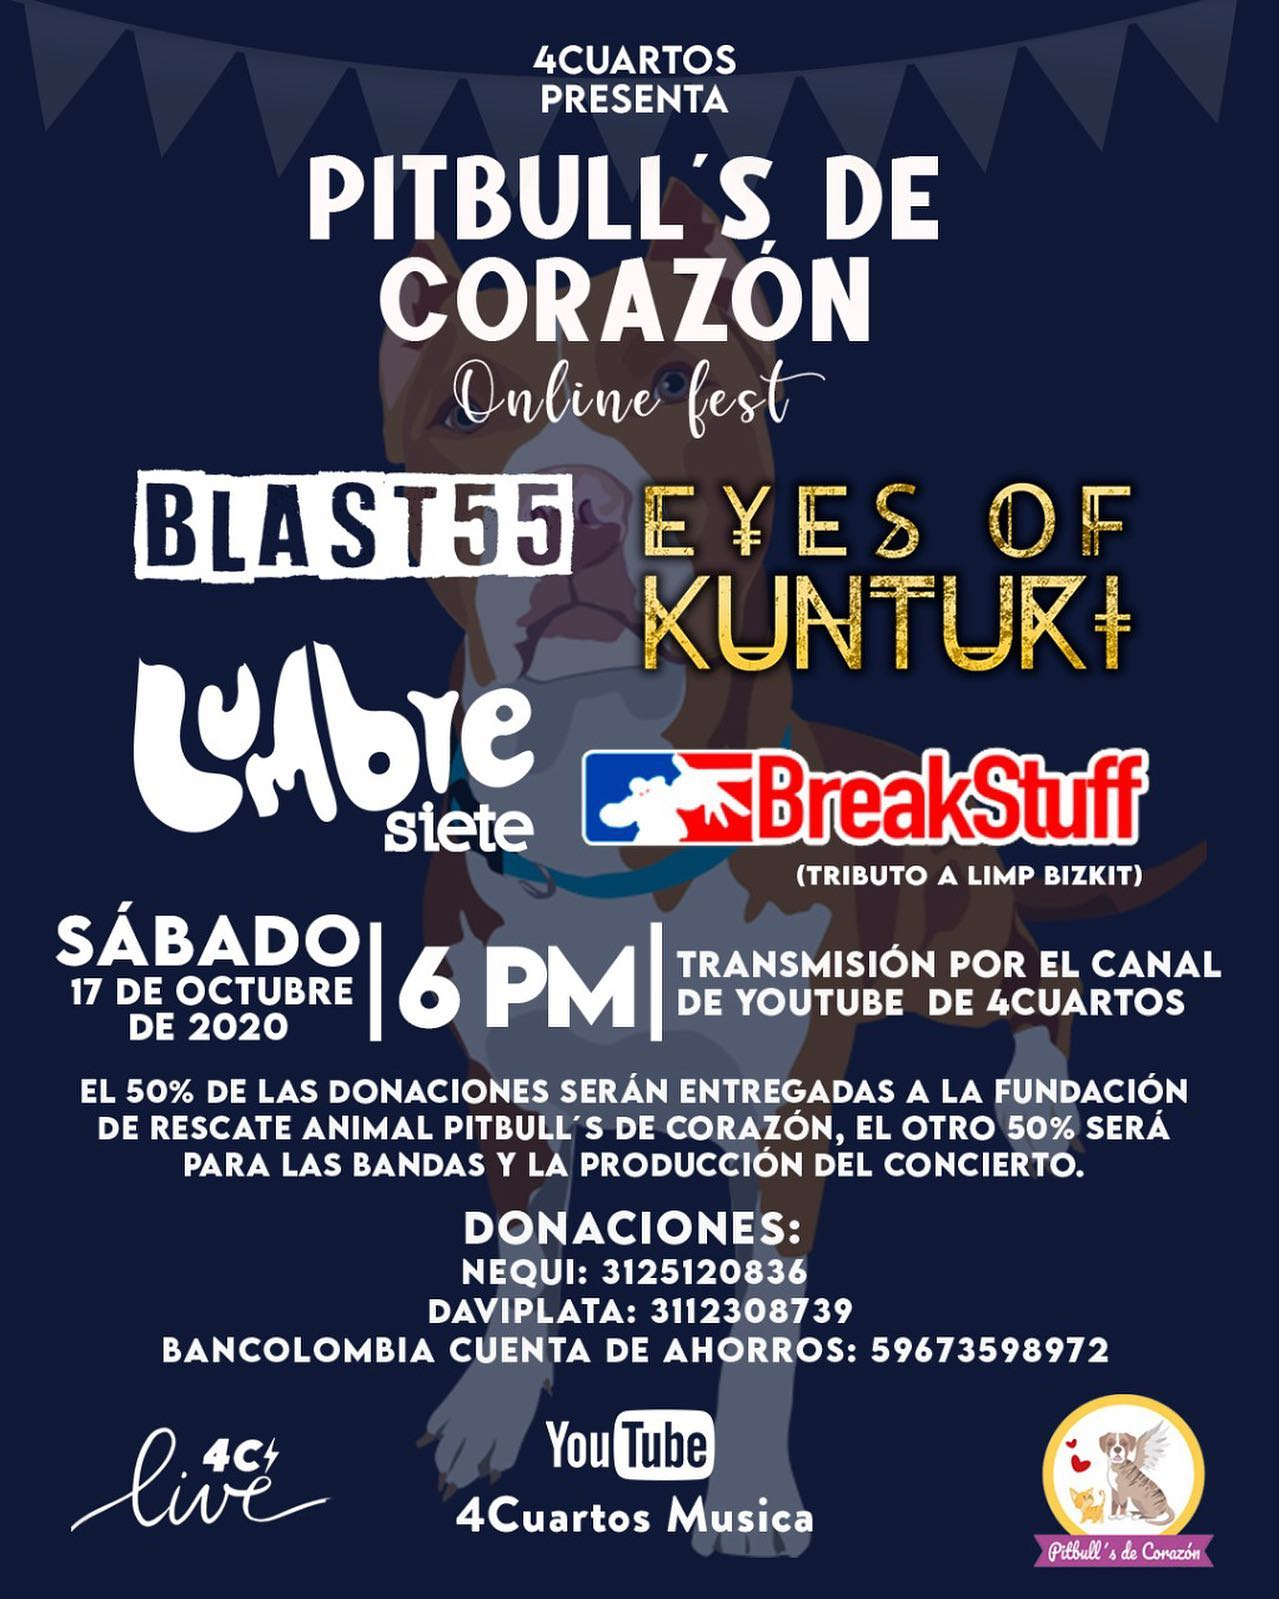 4Cuartos presenta Pitbulls de Corazón Online Fest con Blast 55, Eyes of Kunturi, Lumbre Siete y BreakStuff